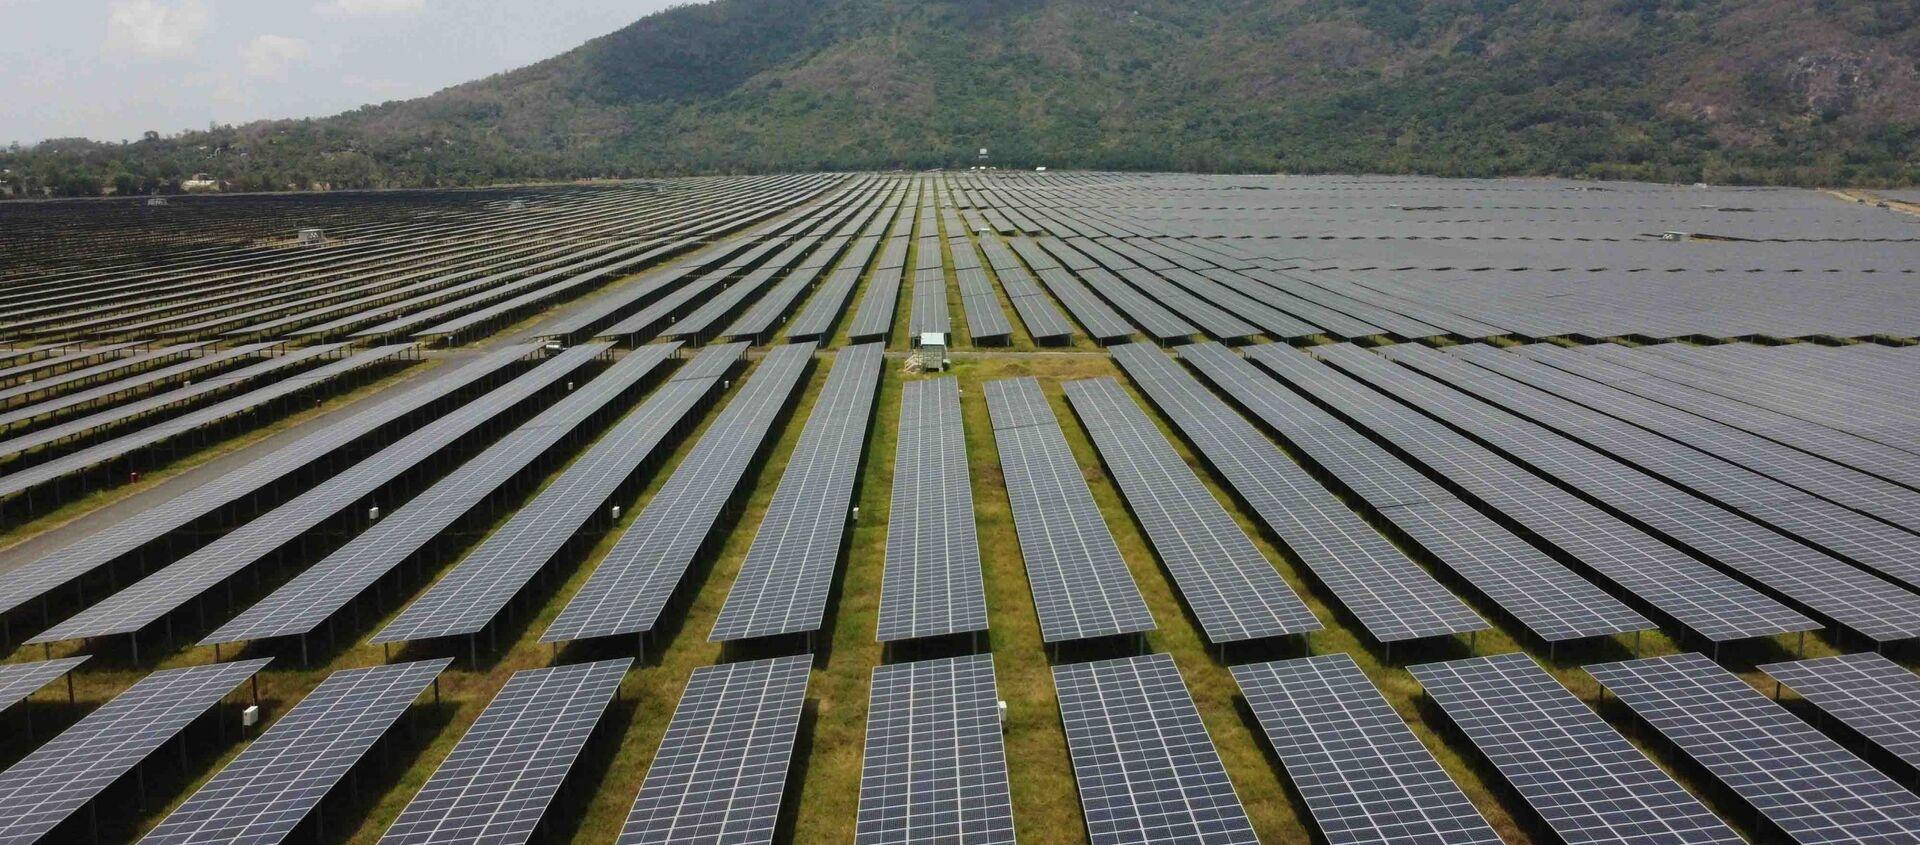 """Cánh đồng pin"""" năng lượng mặt trời dưới chân Núi Cấm của Nhà máy điện mặt trời Sao Mai-An Giang - Sputnik Việt Nam, 1920, 19.05.2021"""